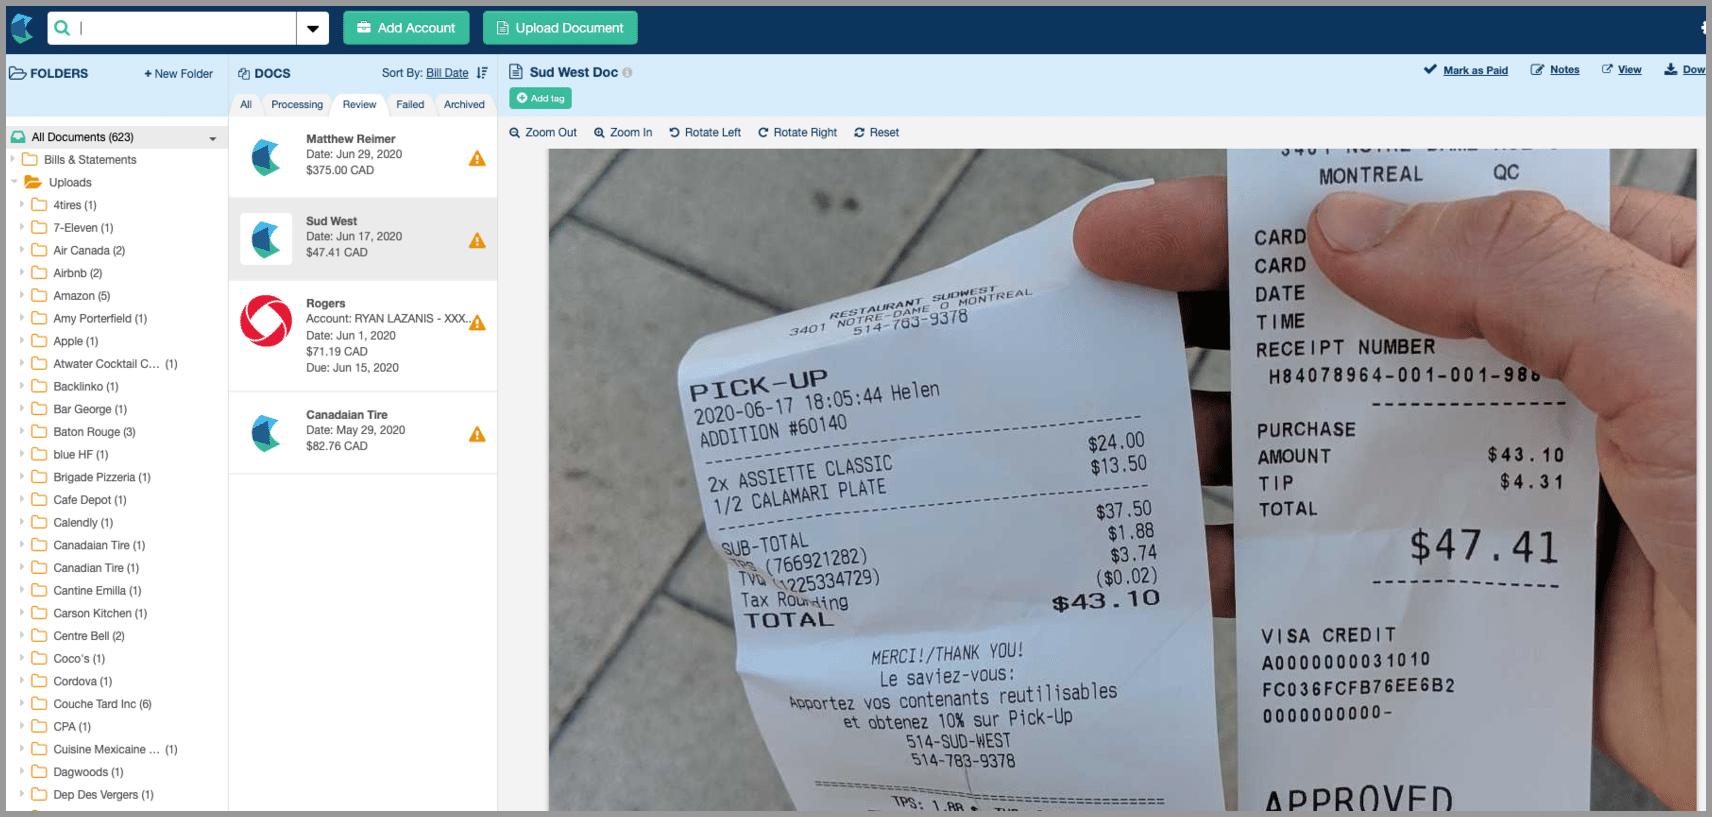 hubdoc receipt